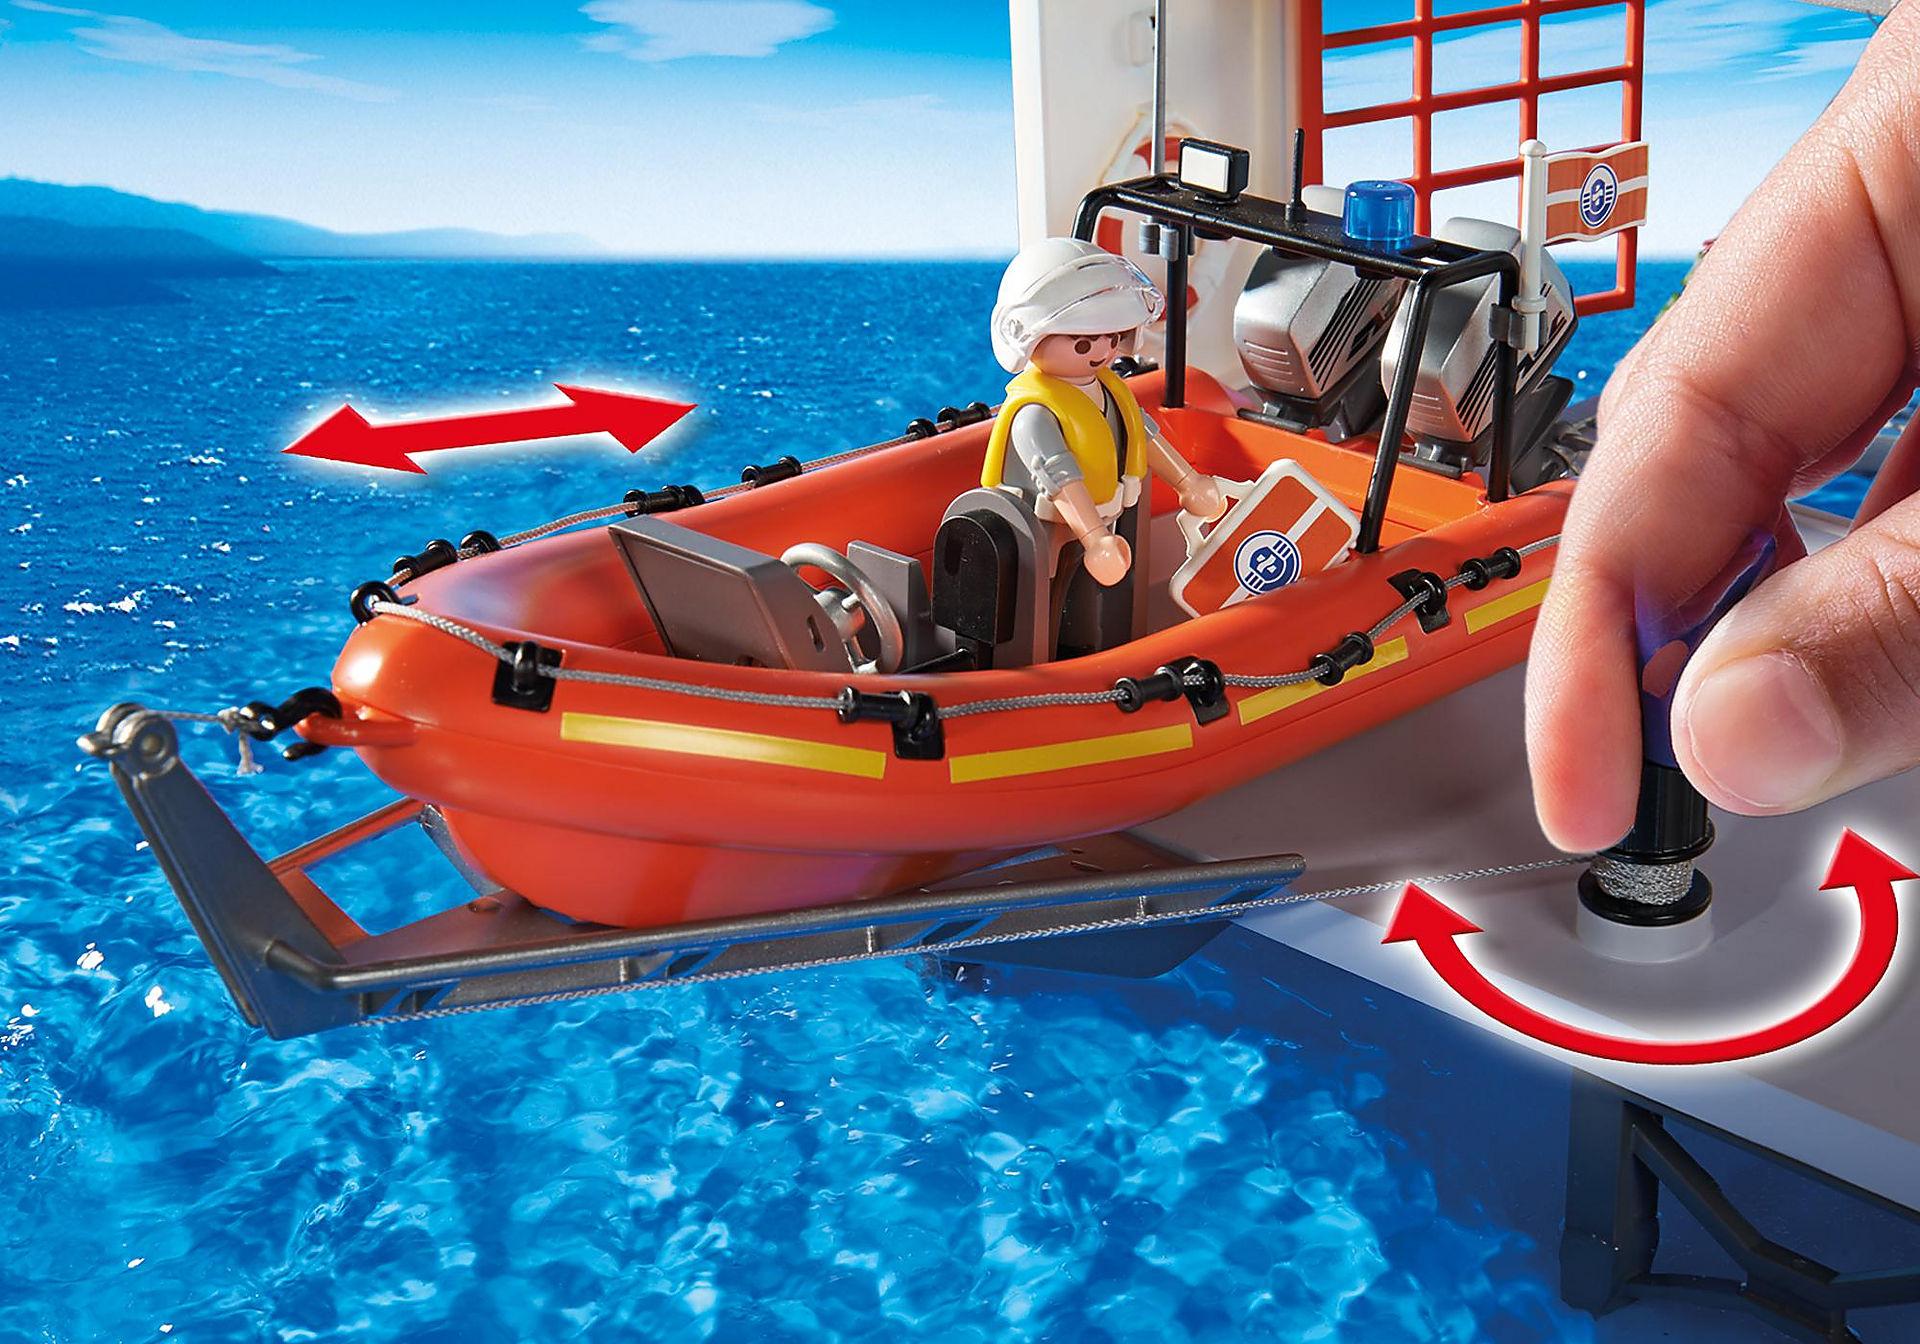 http://media.playmobil.com/i/playmobil/5539_product_extra2/Approdo della guardia costiera con faro